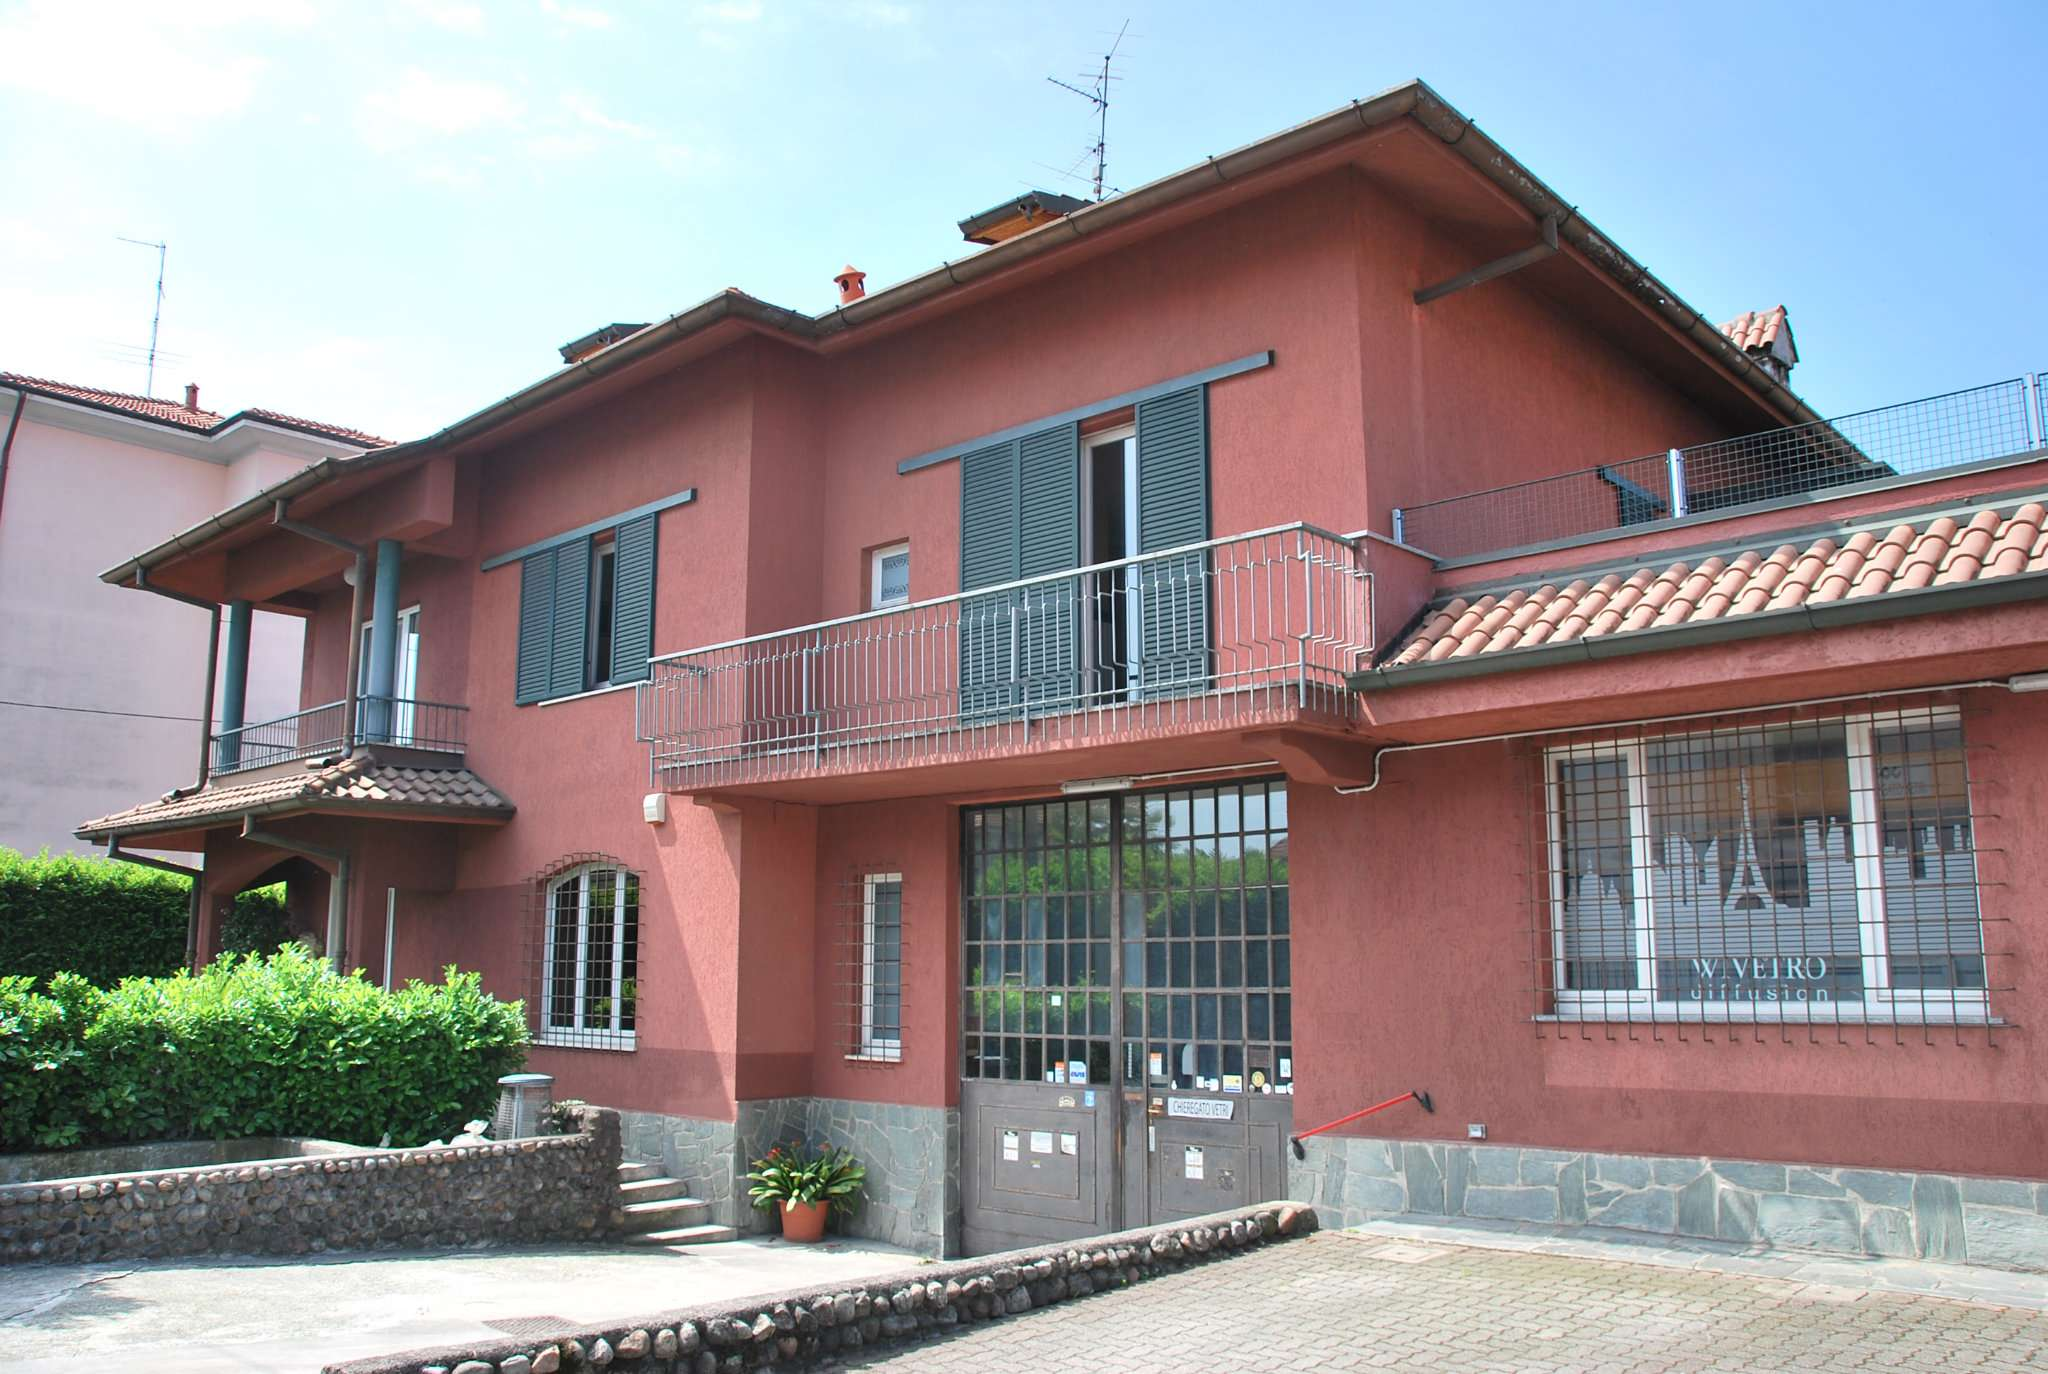 Soluzione Indipendente in vendita a Canegrate, 6 locali, prezzo € 440.000 | Cambio Casa.it